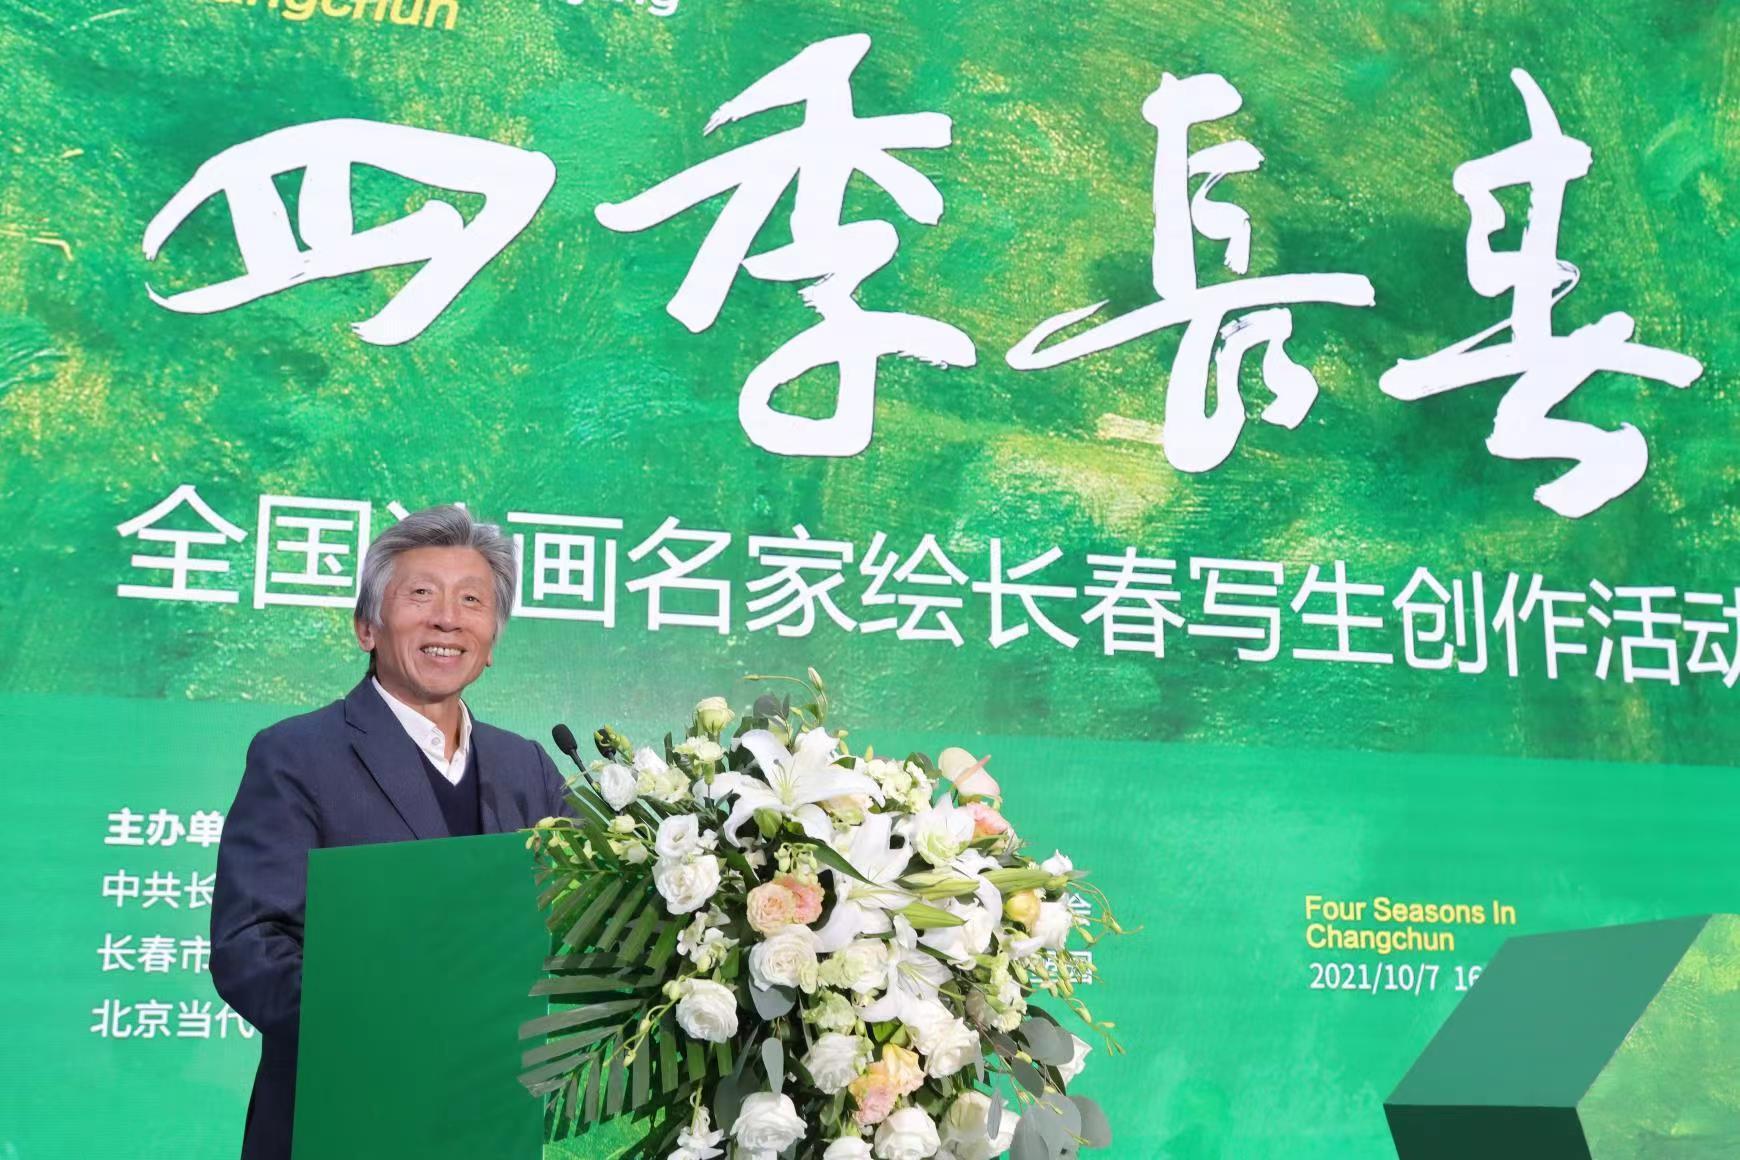 中央美术学院院长、中国美术家协会主席范迪安致辞